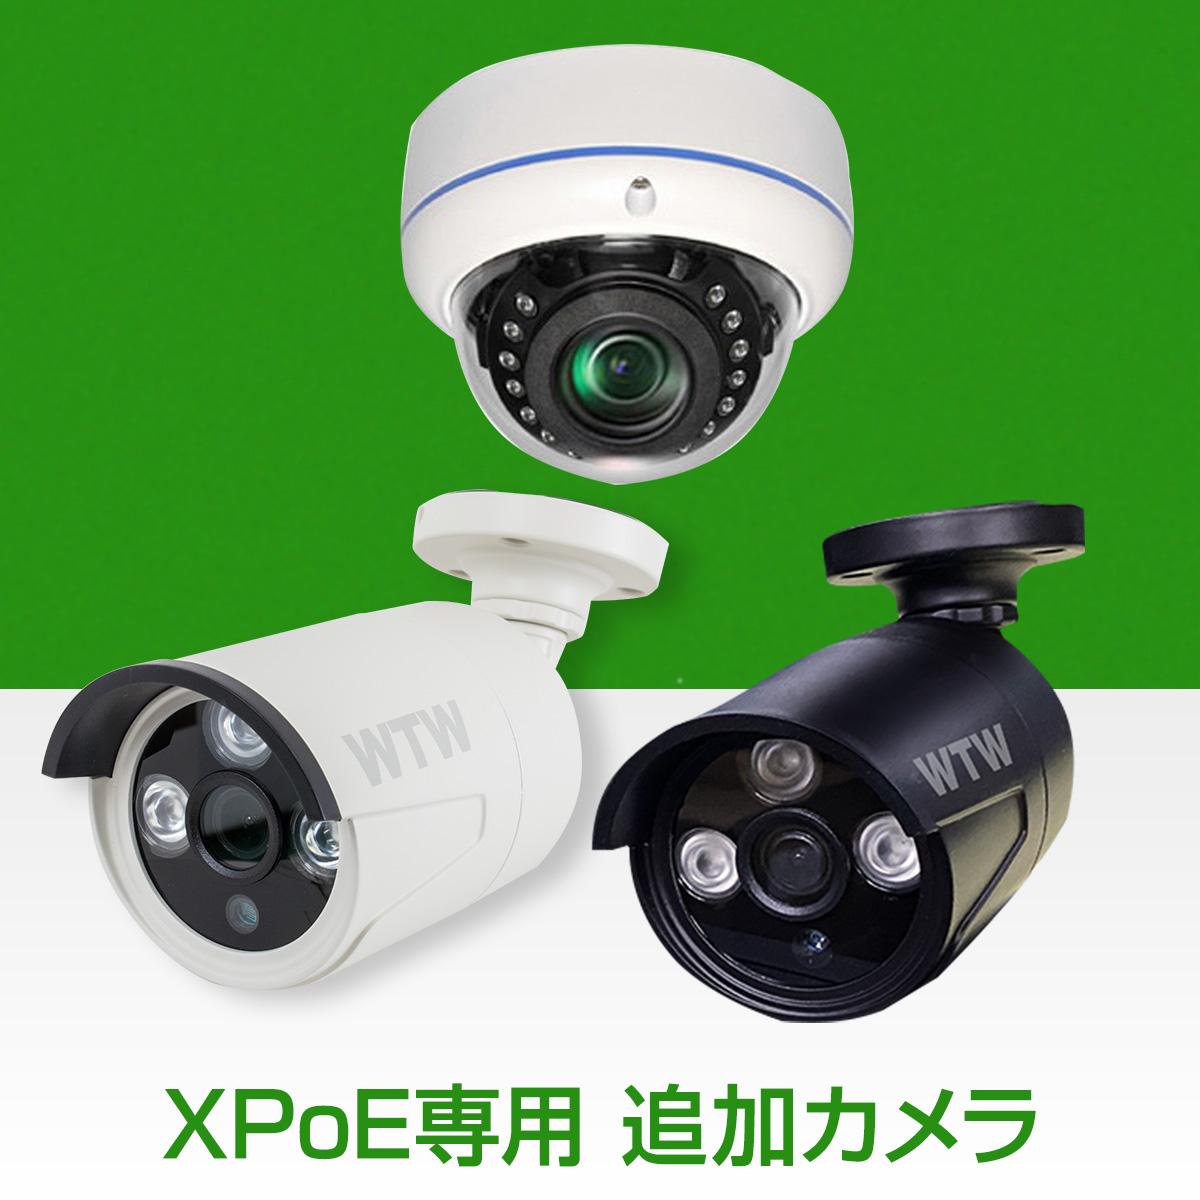 バースデー 記念日 ギフト 贈物 お勧め 通販 このカメラはNV249GP2 NV249GP3 NV289GP2 NV289GP3 爆買い新作 NV255GP2でご利用頂けます 530万画素XPoEシリーズ このカメラはXPoE専用のカメラです WTW-PRP249GW GB LANケーブル18m 1本付属